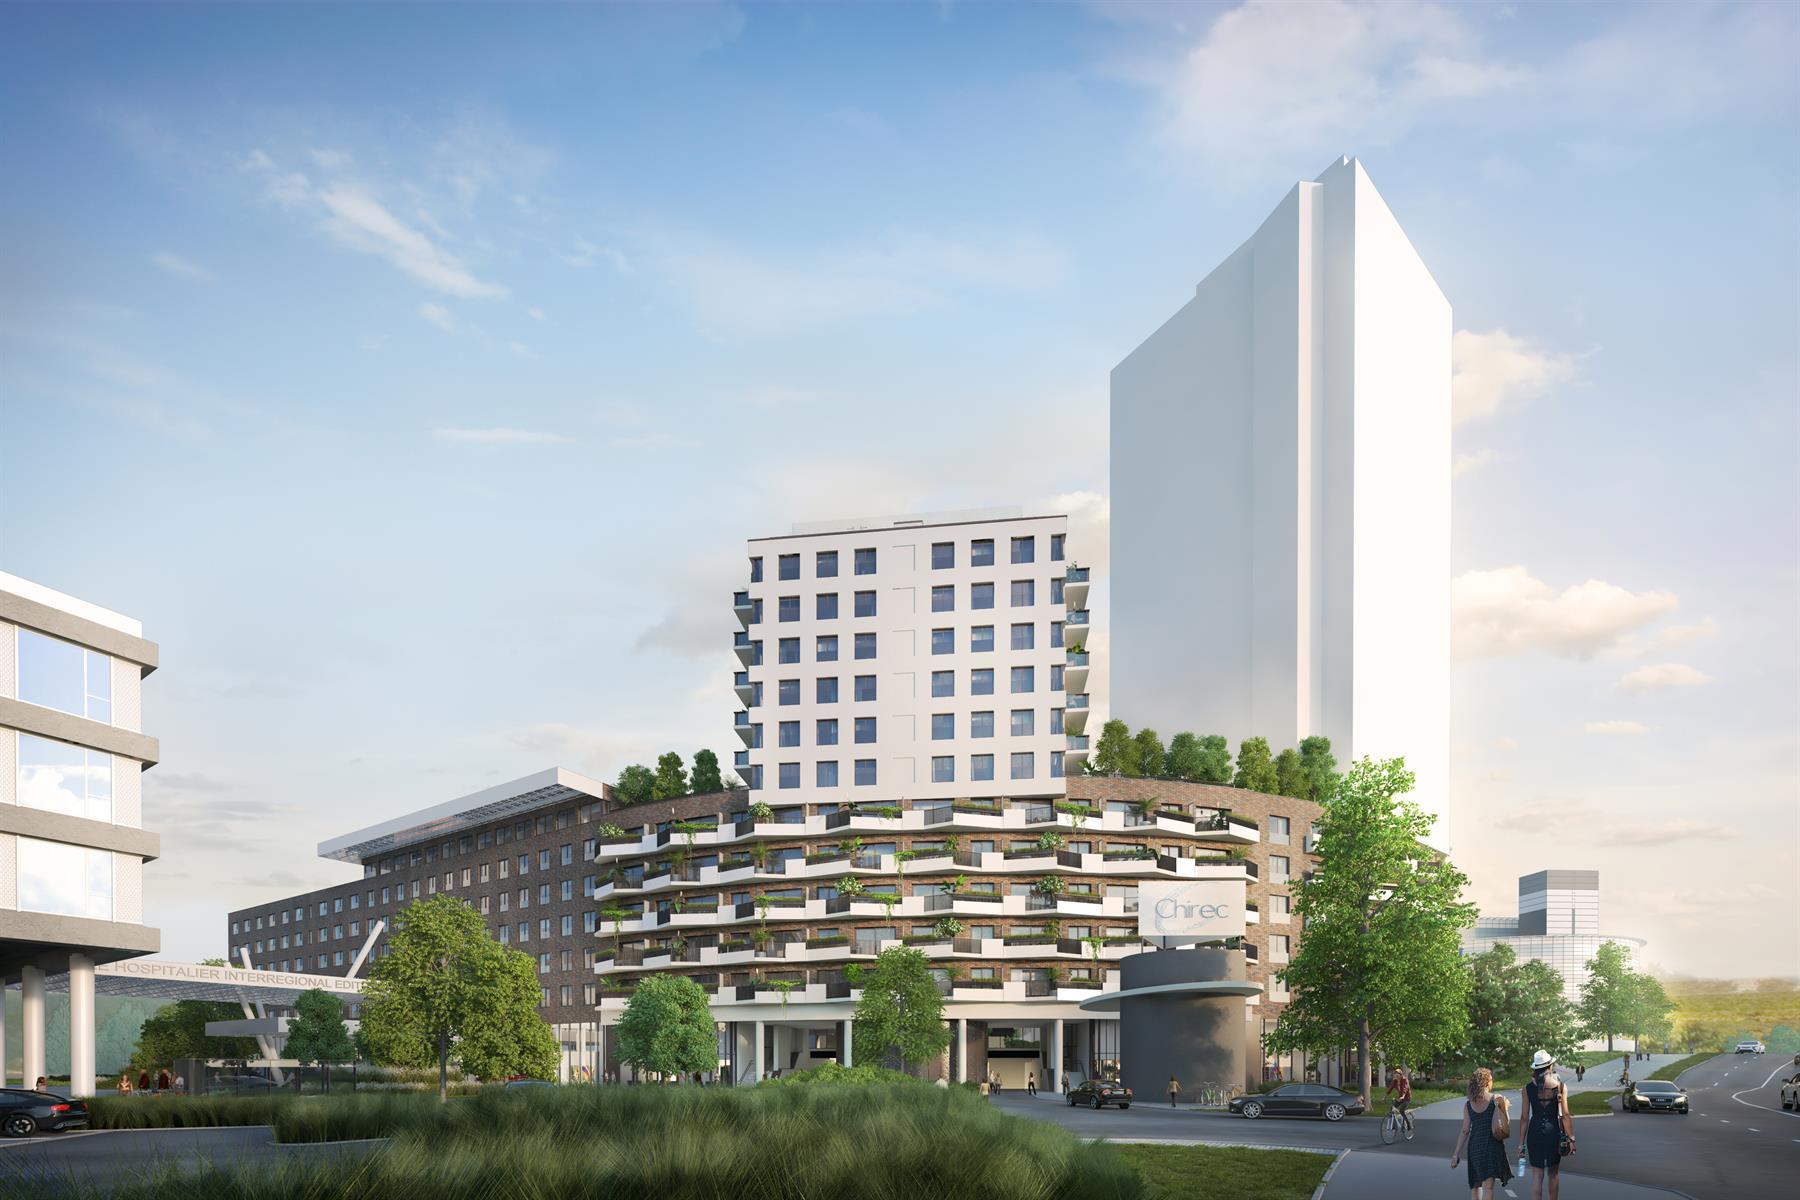 Flat - Ixelles - #4365582-10